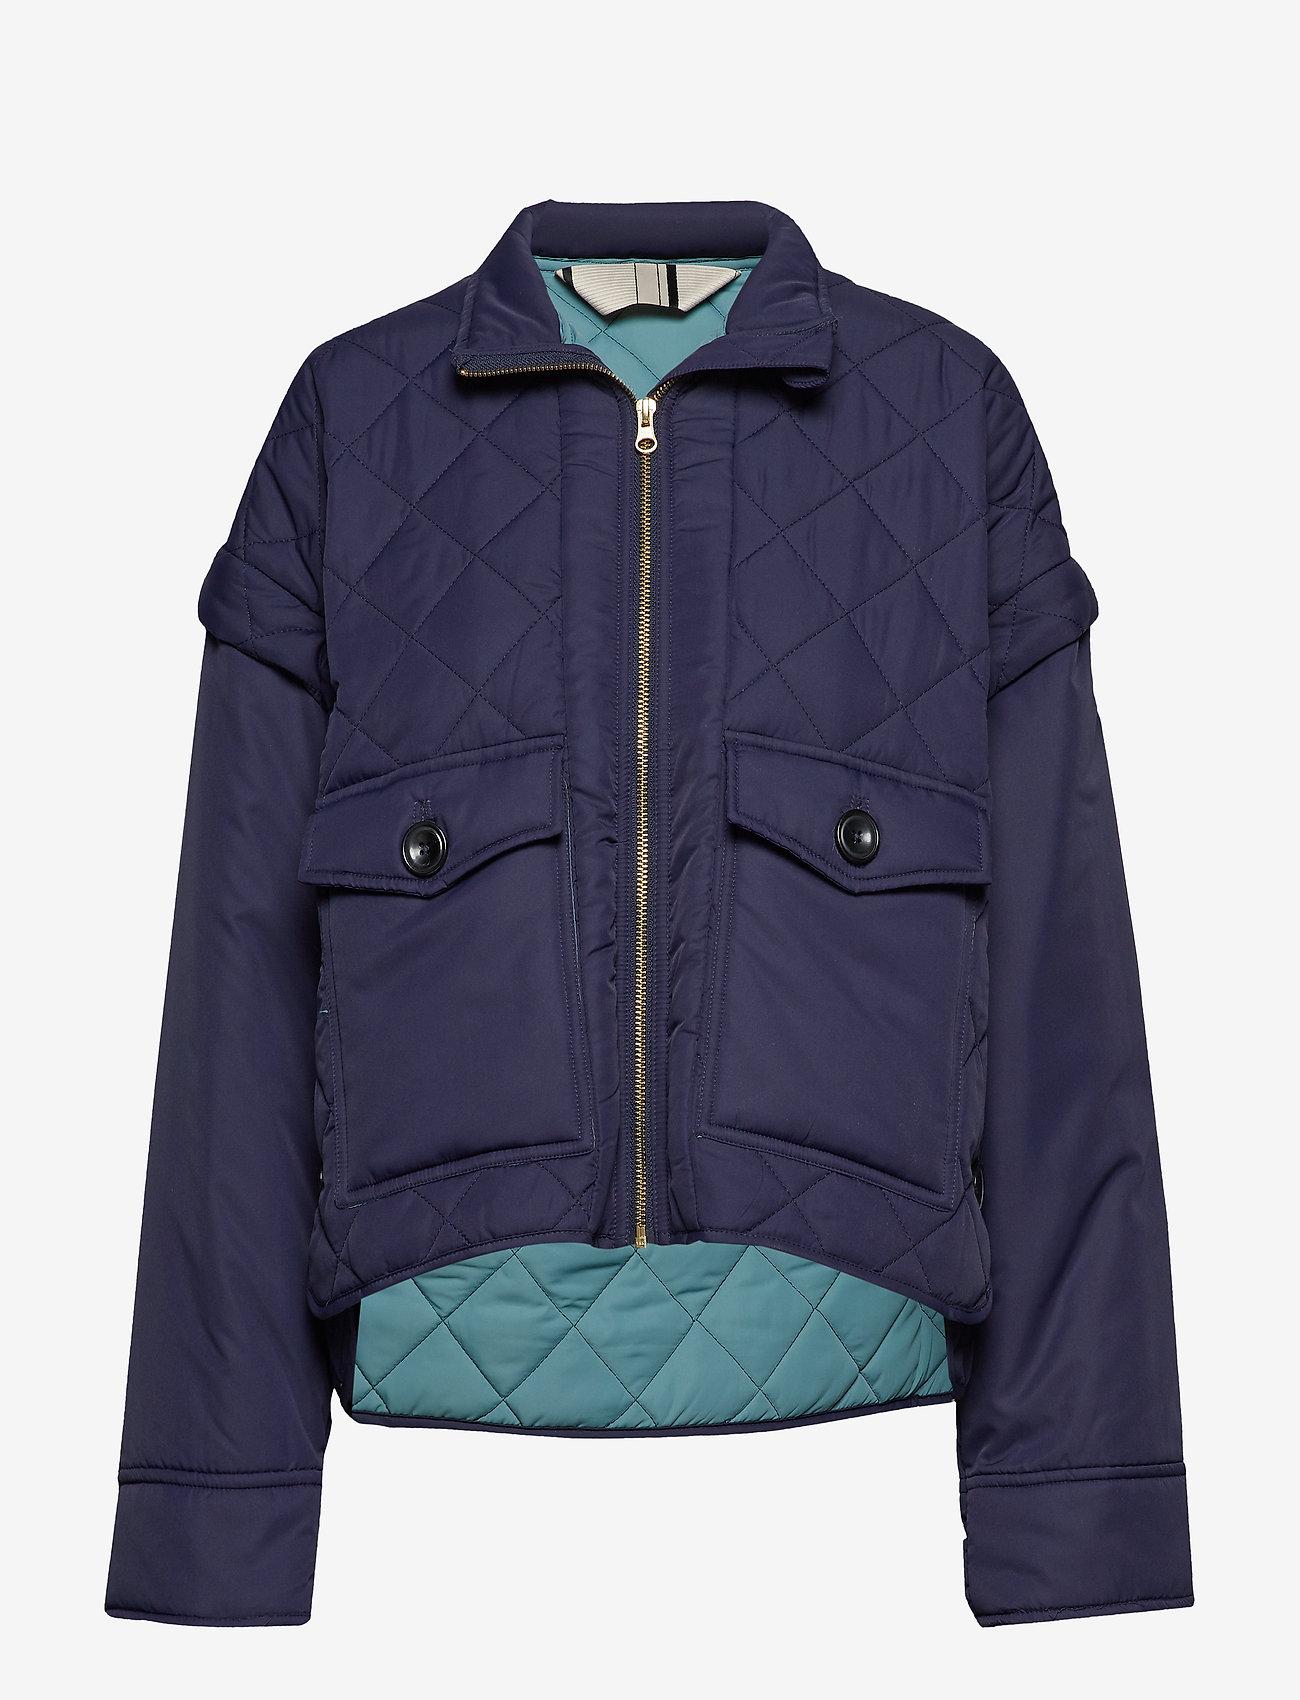 Noa Noa - Light outerwear - utility jackets - peacoat - 0